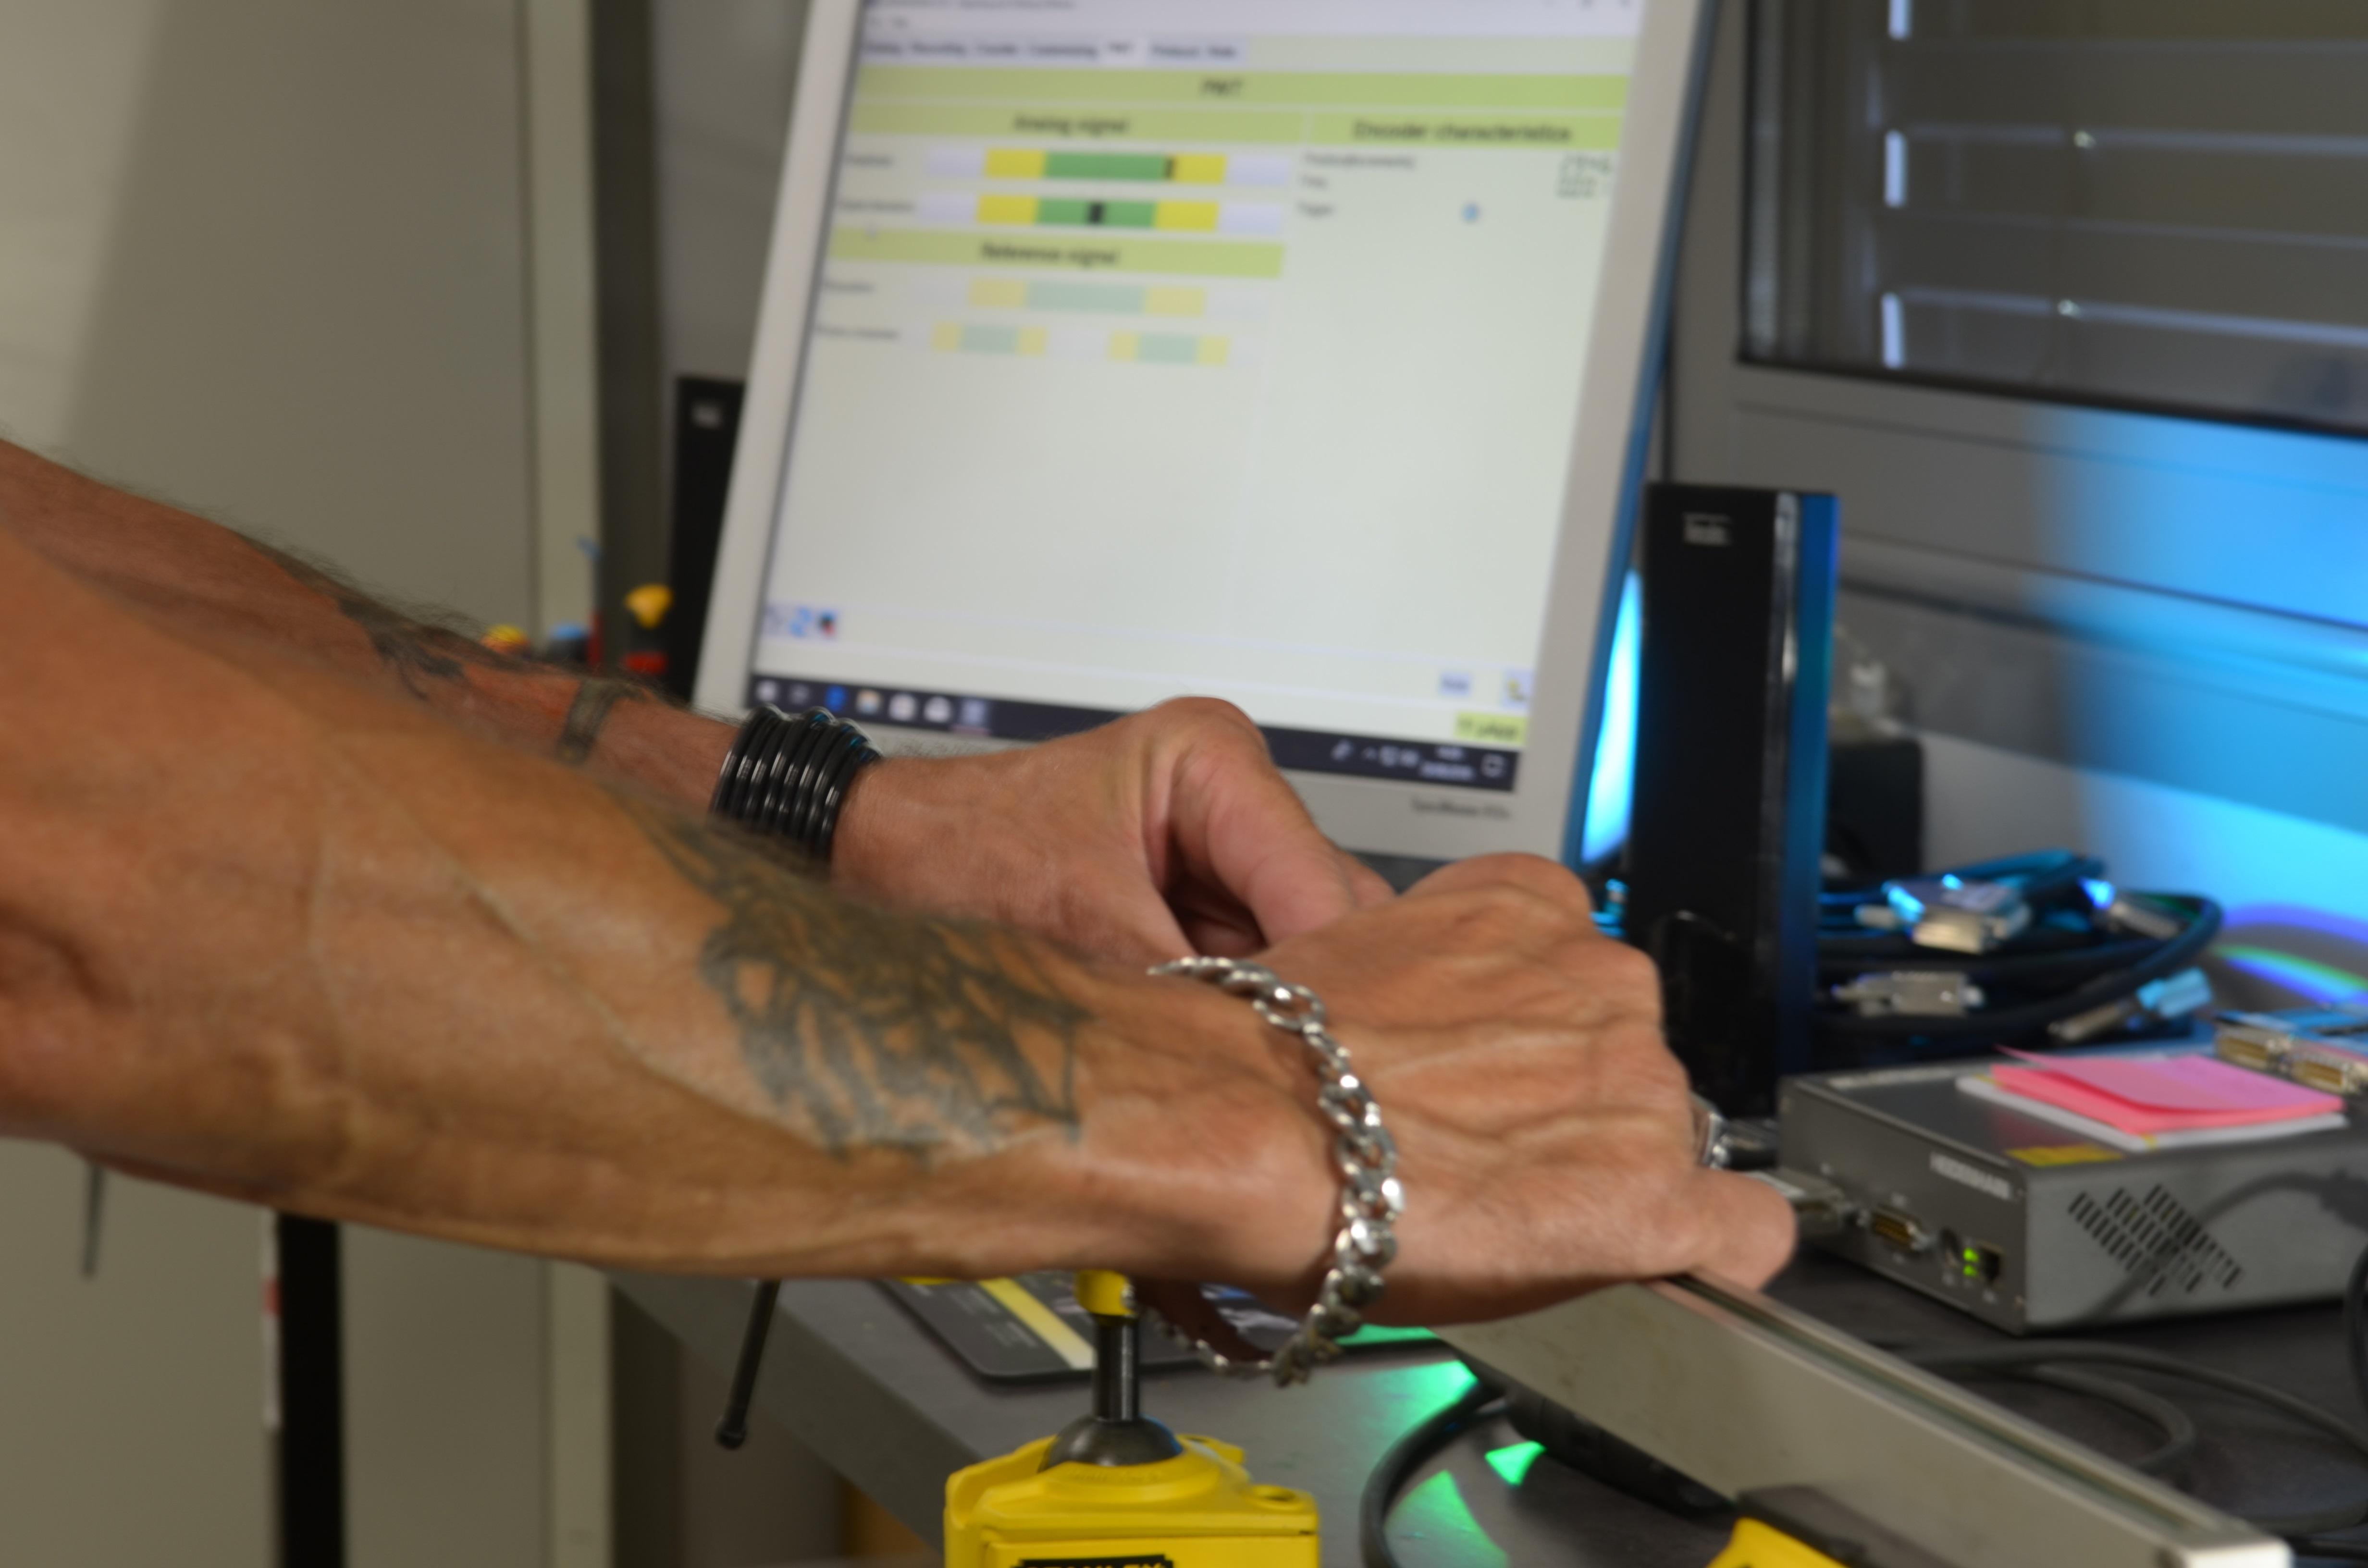 Réparation d'une règle Heidenhain pour la maintenance d'une visu